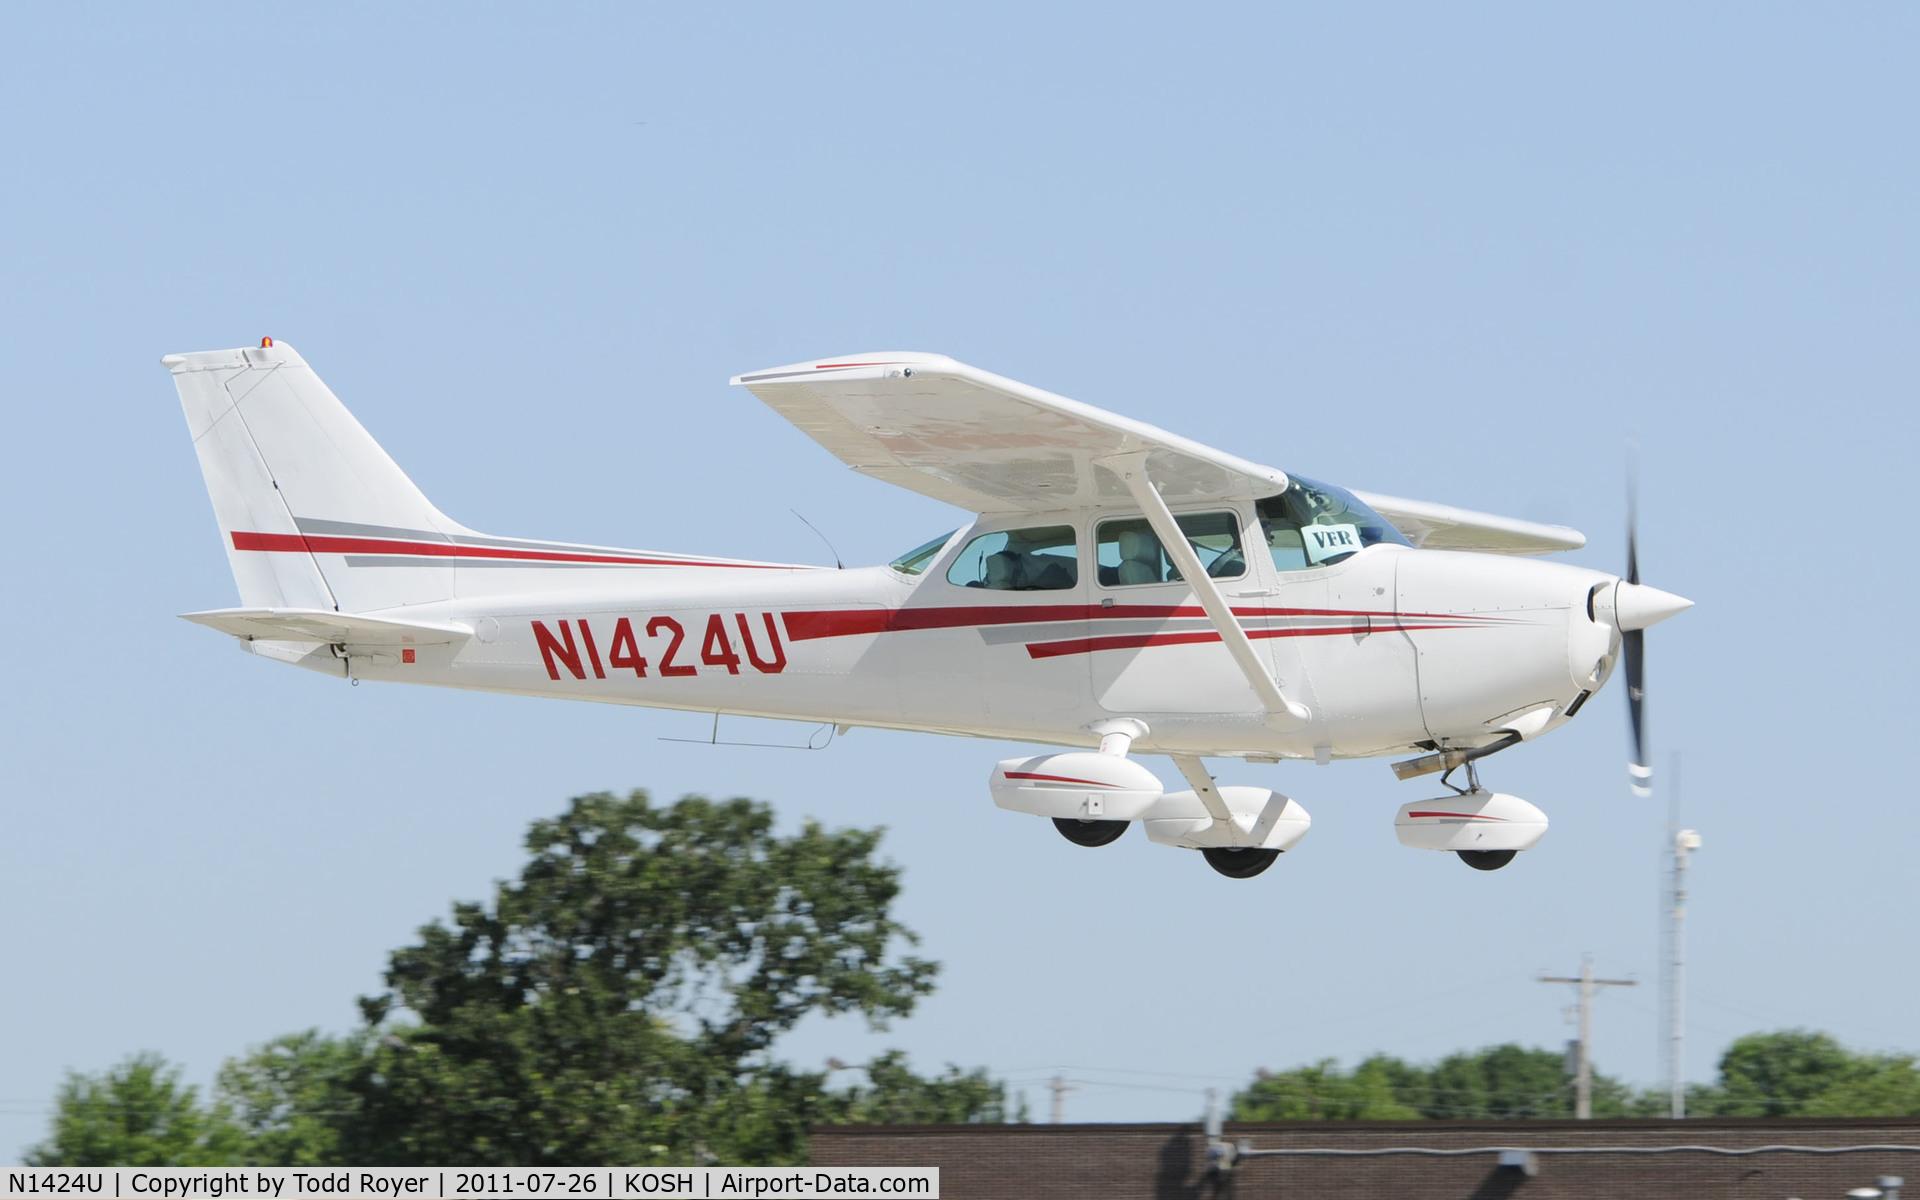 N1424U, 1976 Cessna 172M Skyhawk C/N 17267091, AIRVENTURE 2011